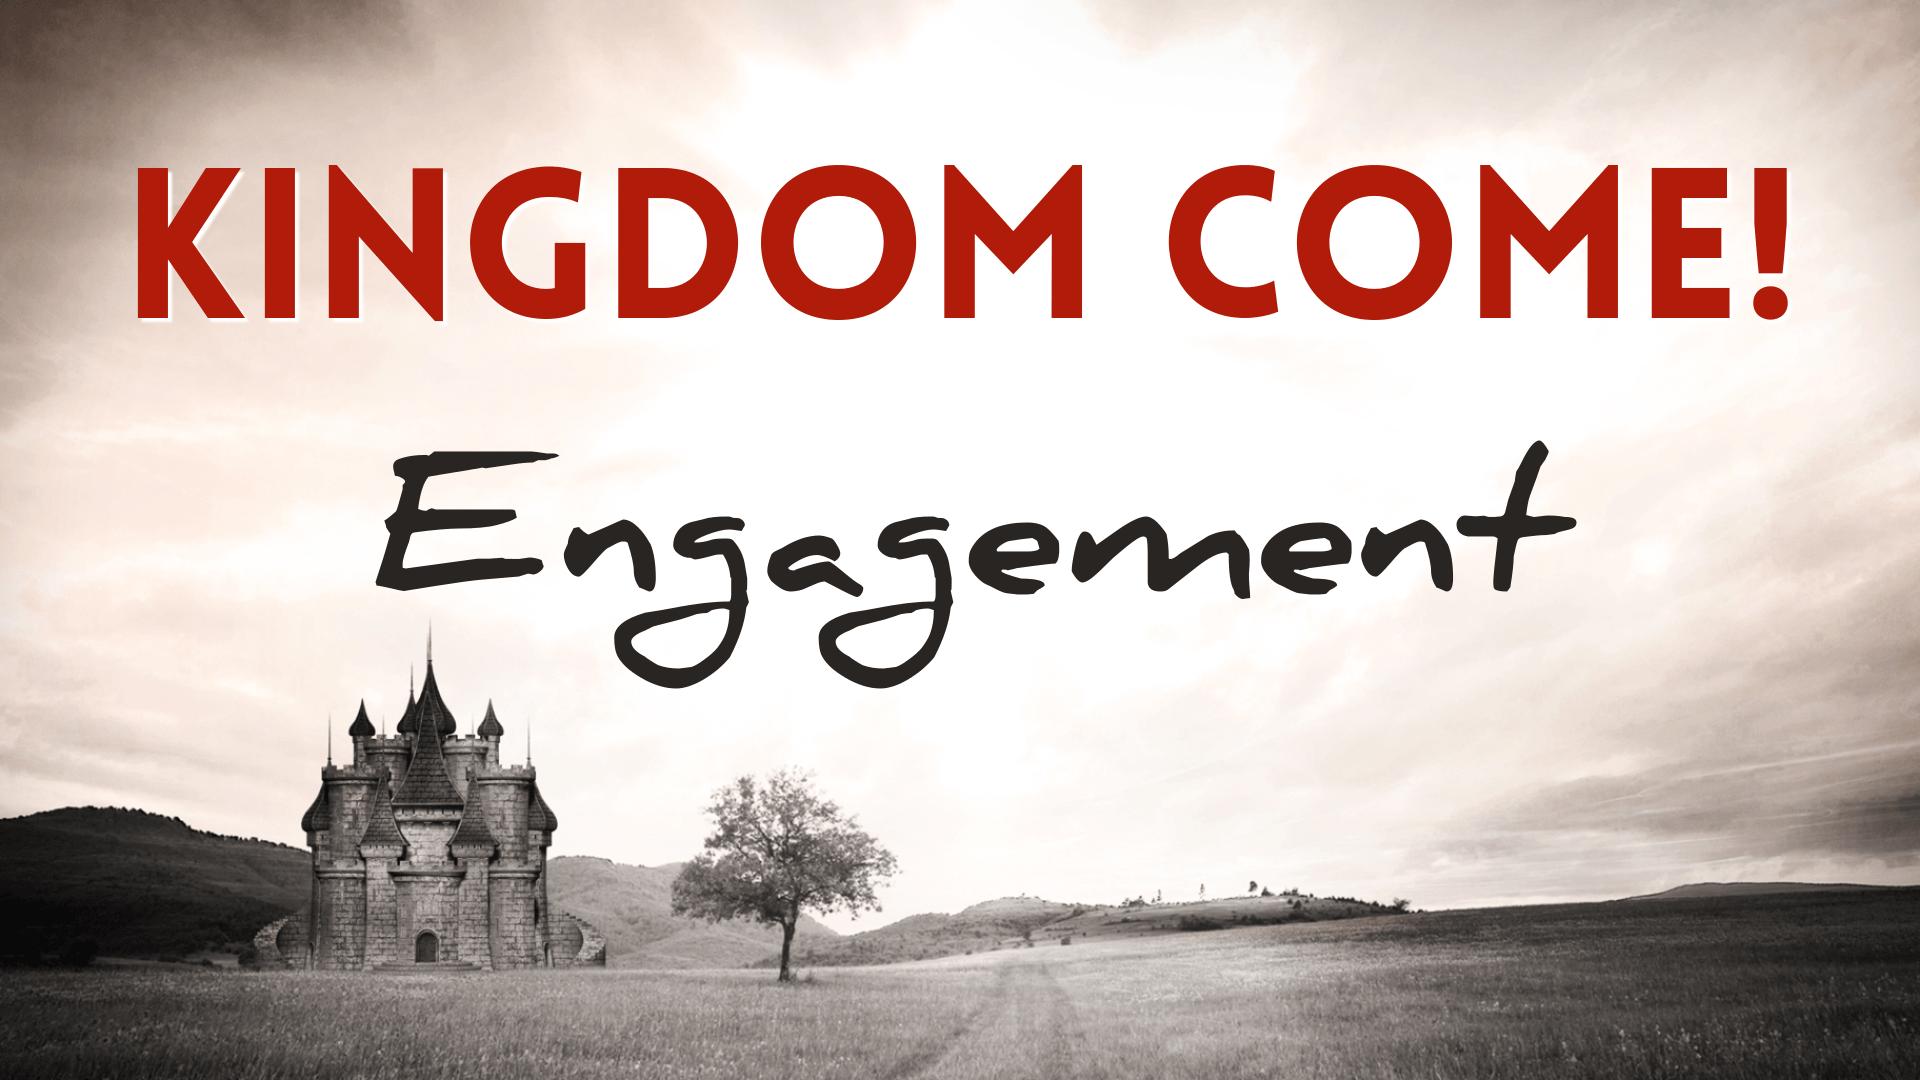 Kingdom Come - Engagement